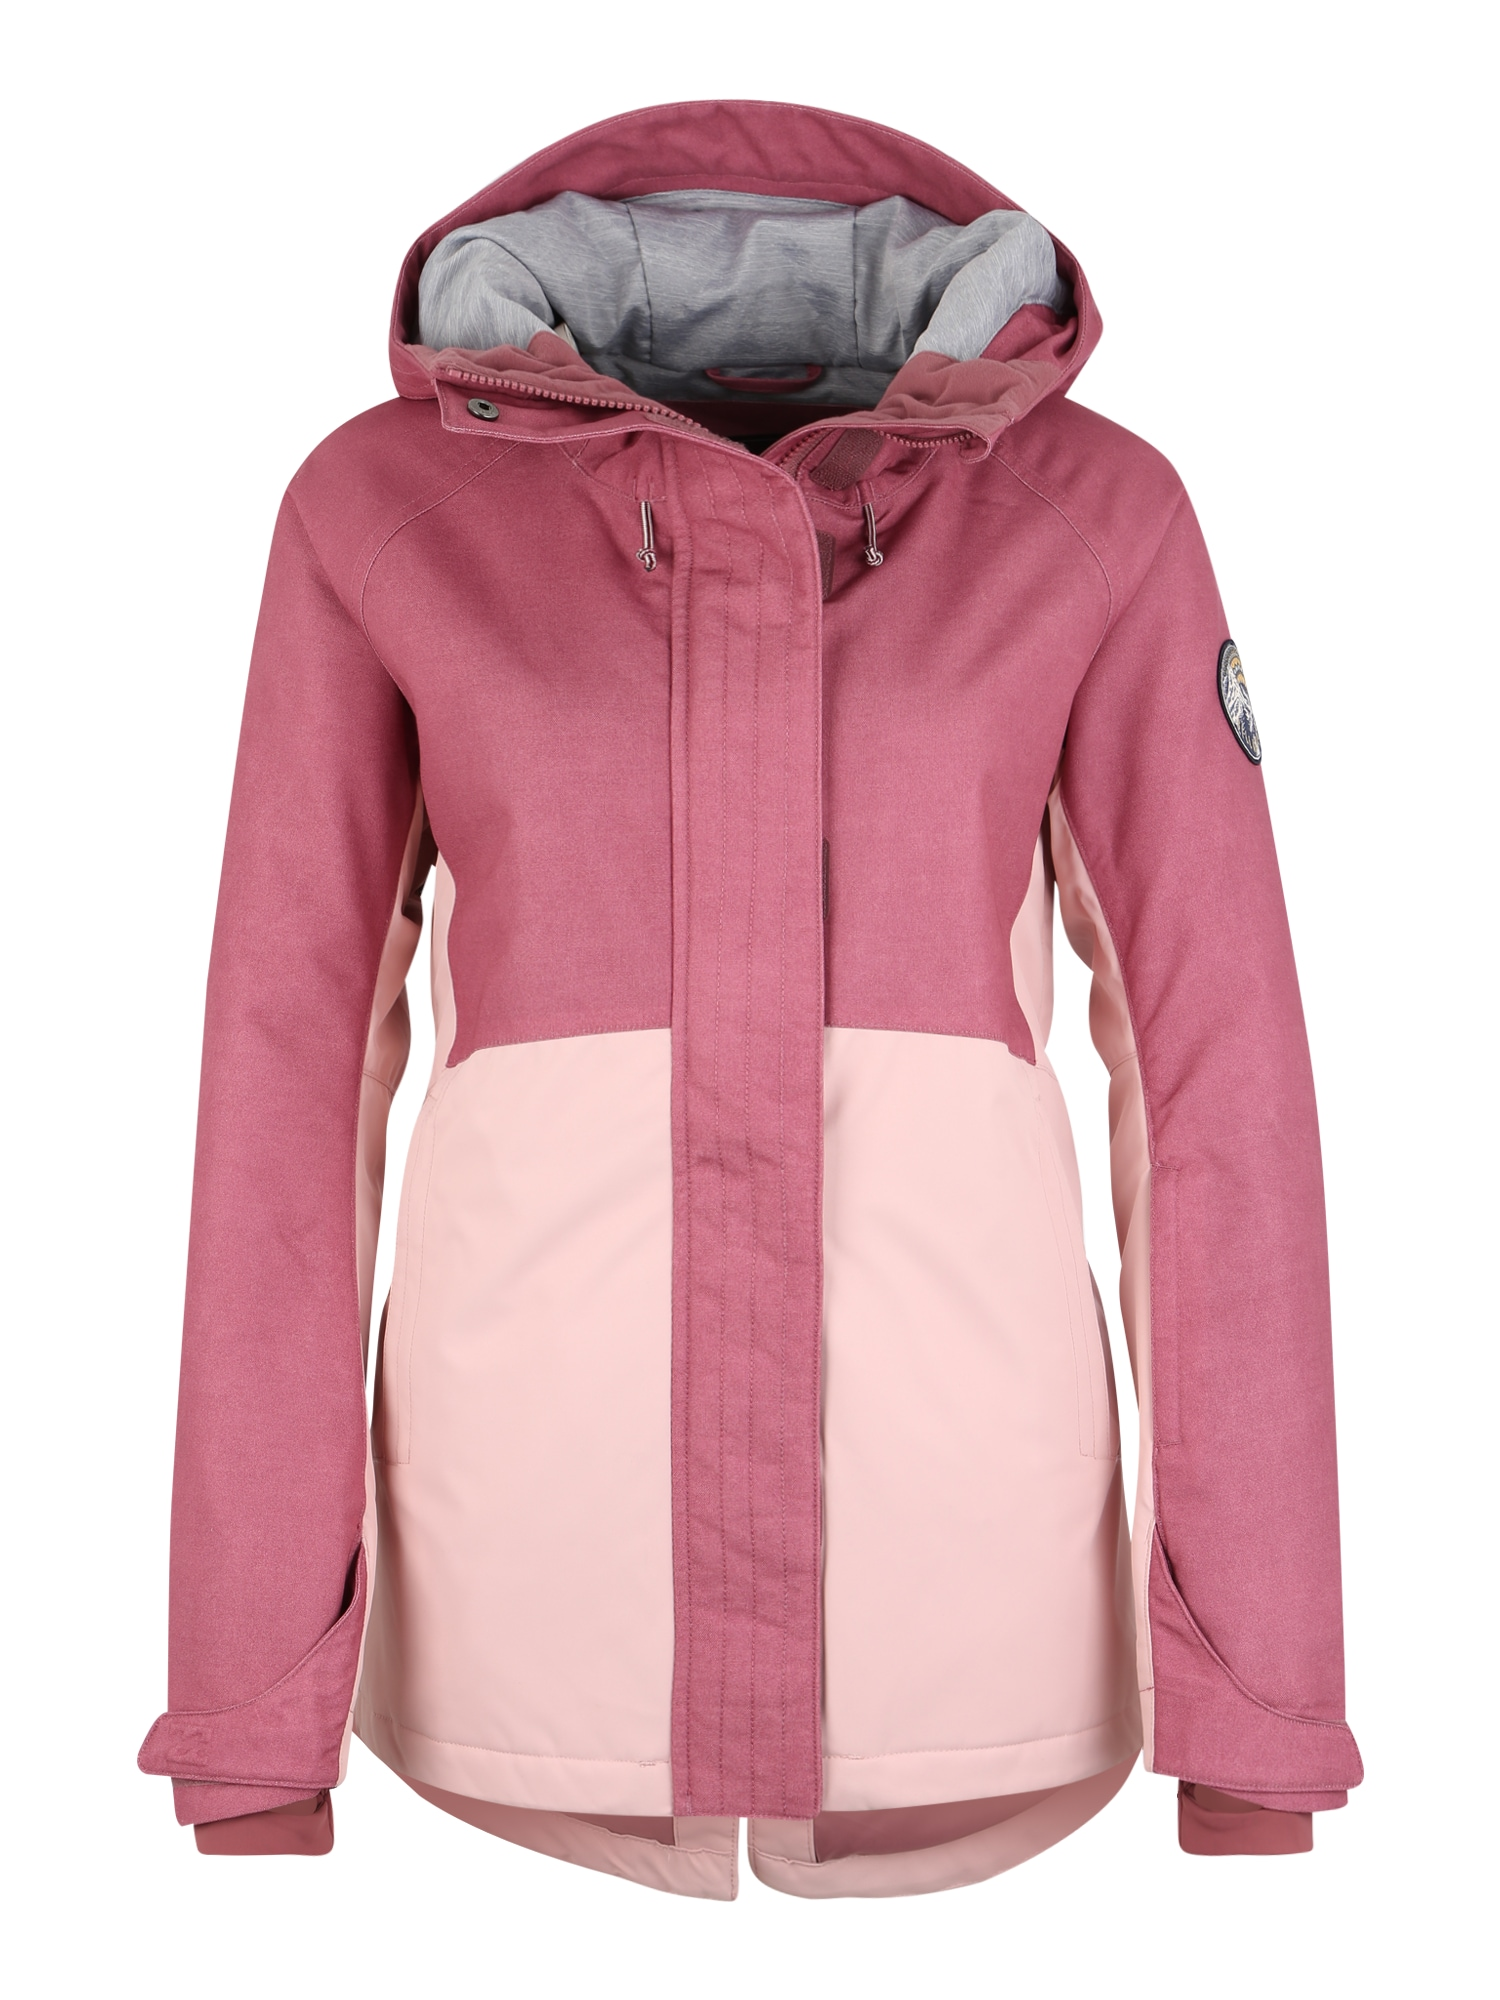 Sportovní bunda Sienna pink růžová BILLABONG